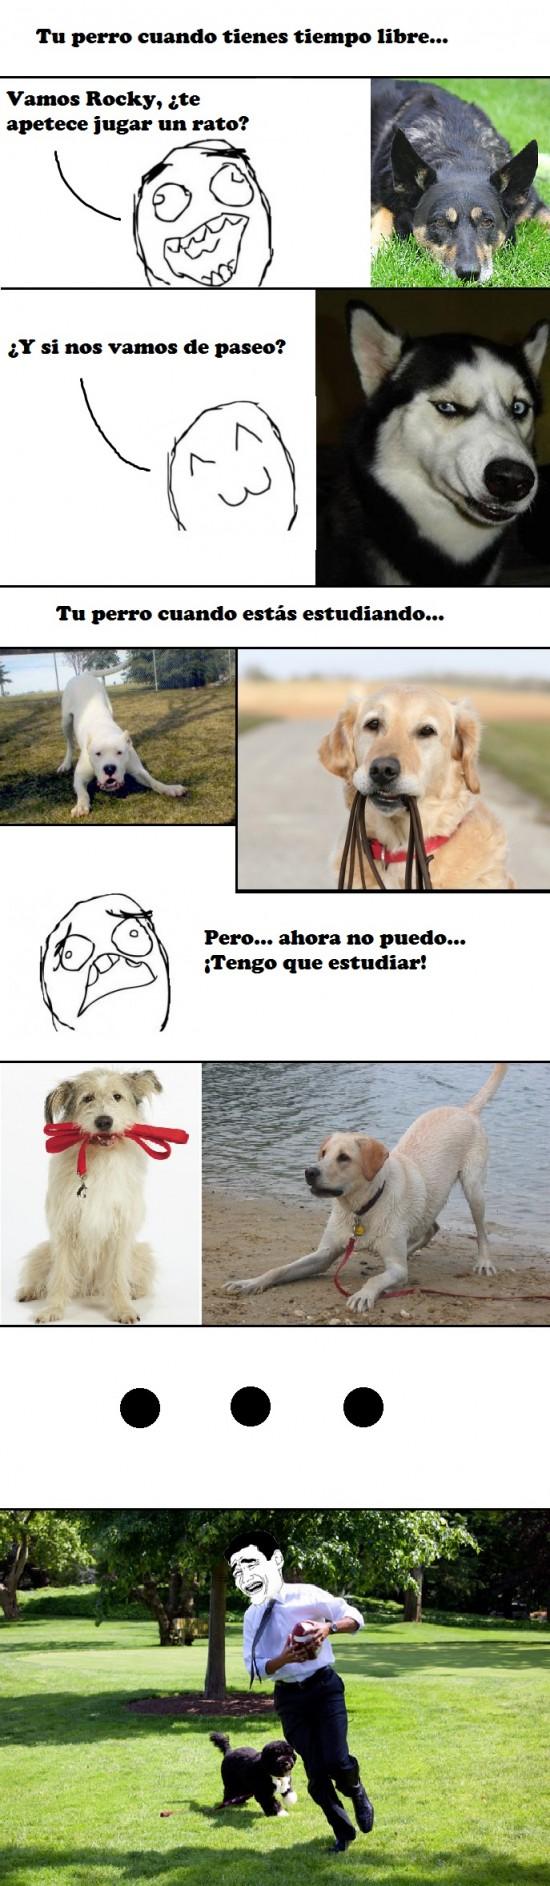 Yao - Psicología canina